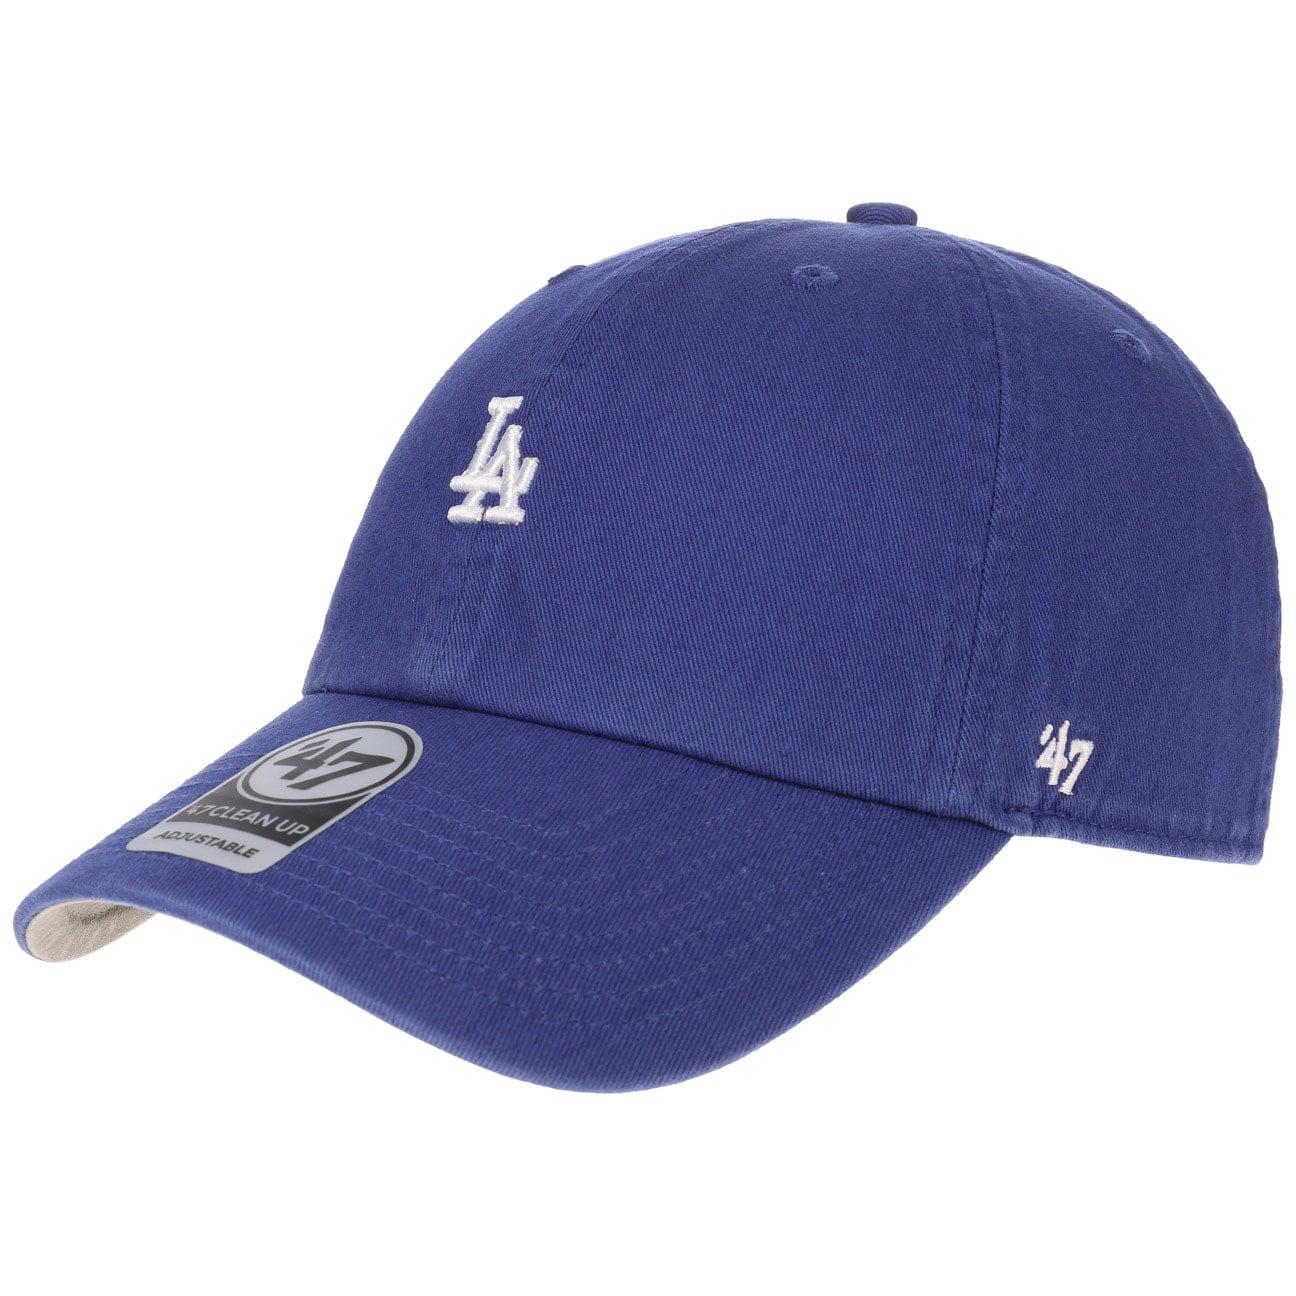 Gorra Abate LA Dodgers by 47 Brand  gorra de baseball